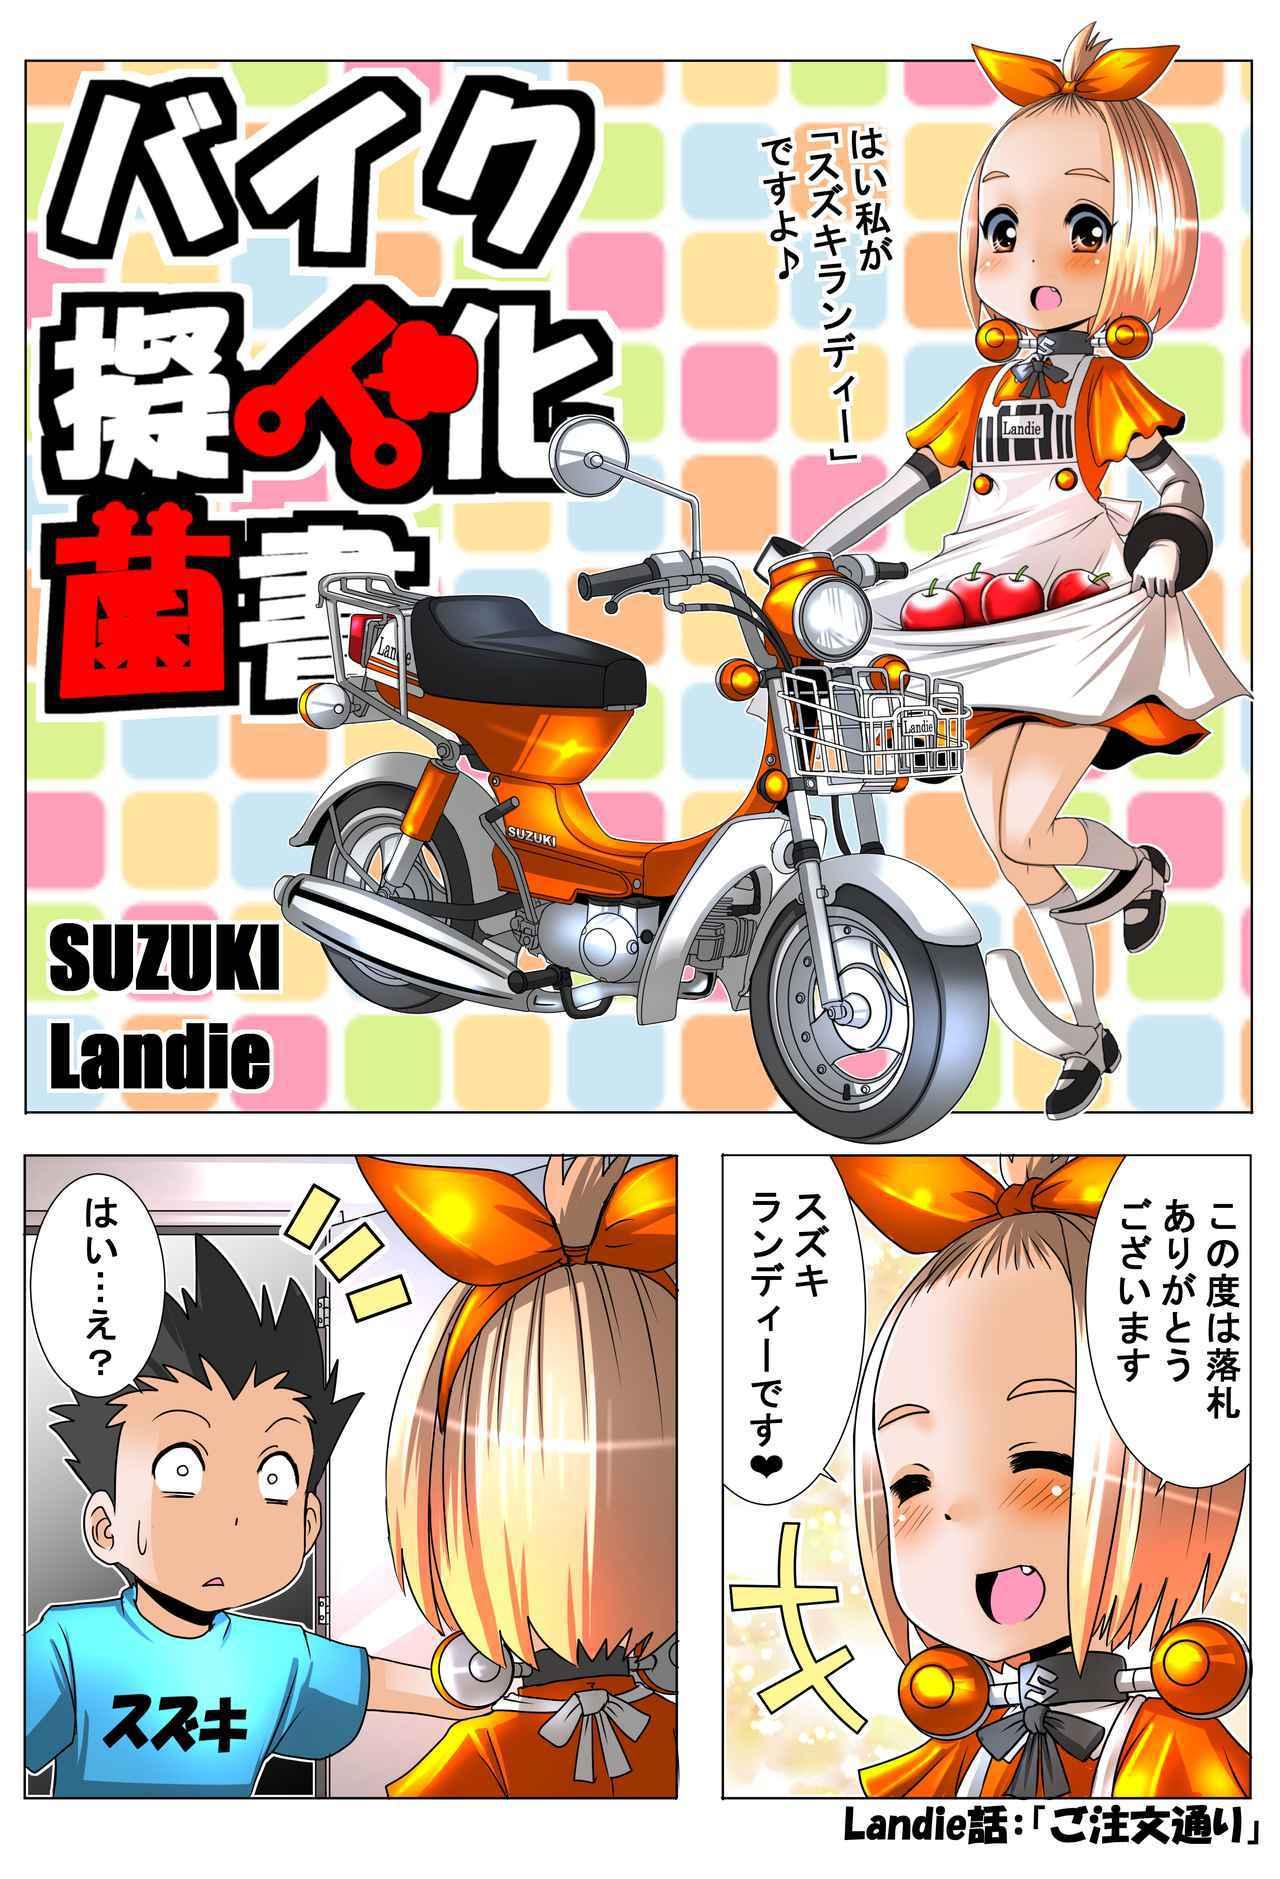 画像1: 『バイク擬人化菌書』Landie 話「ご注文通り」 作:鈴木秀吉